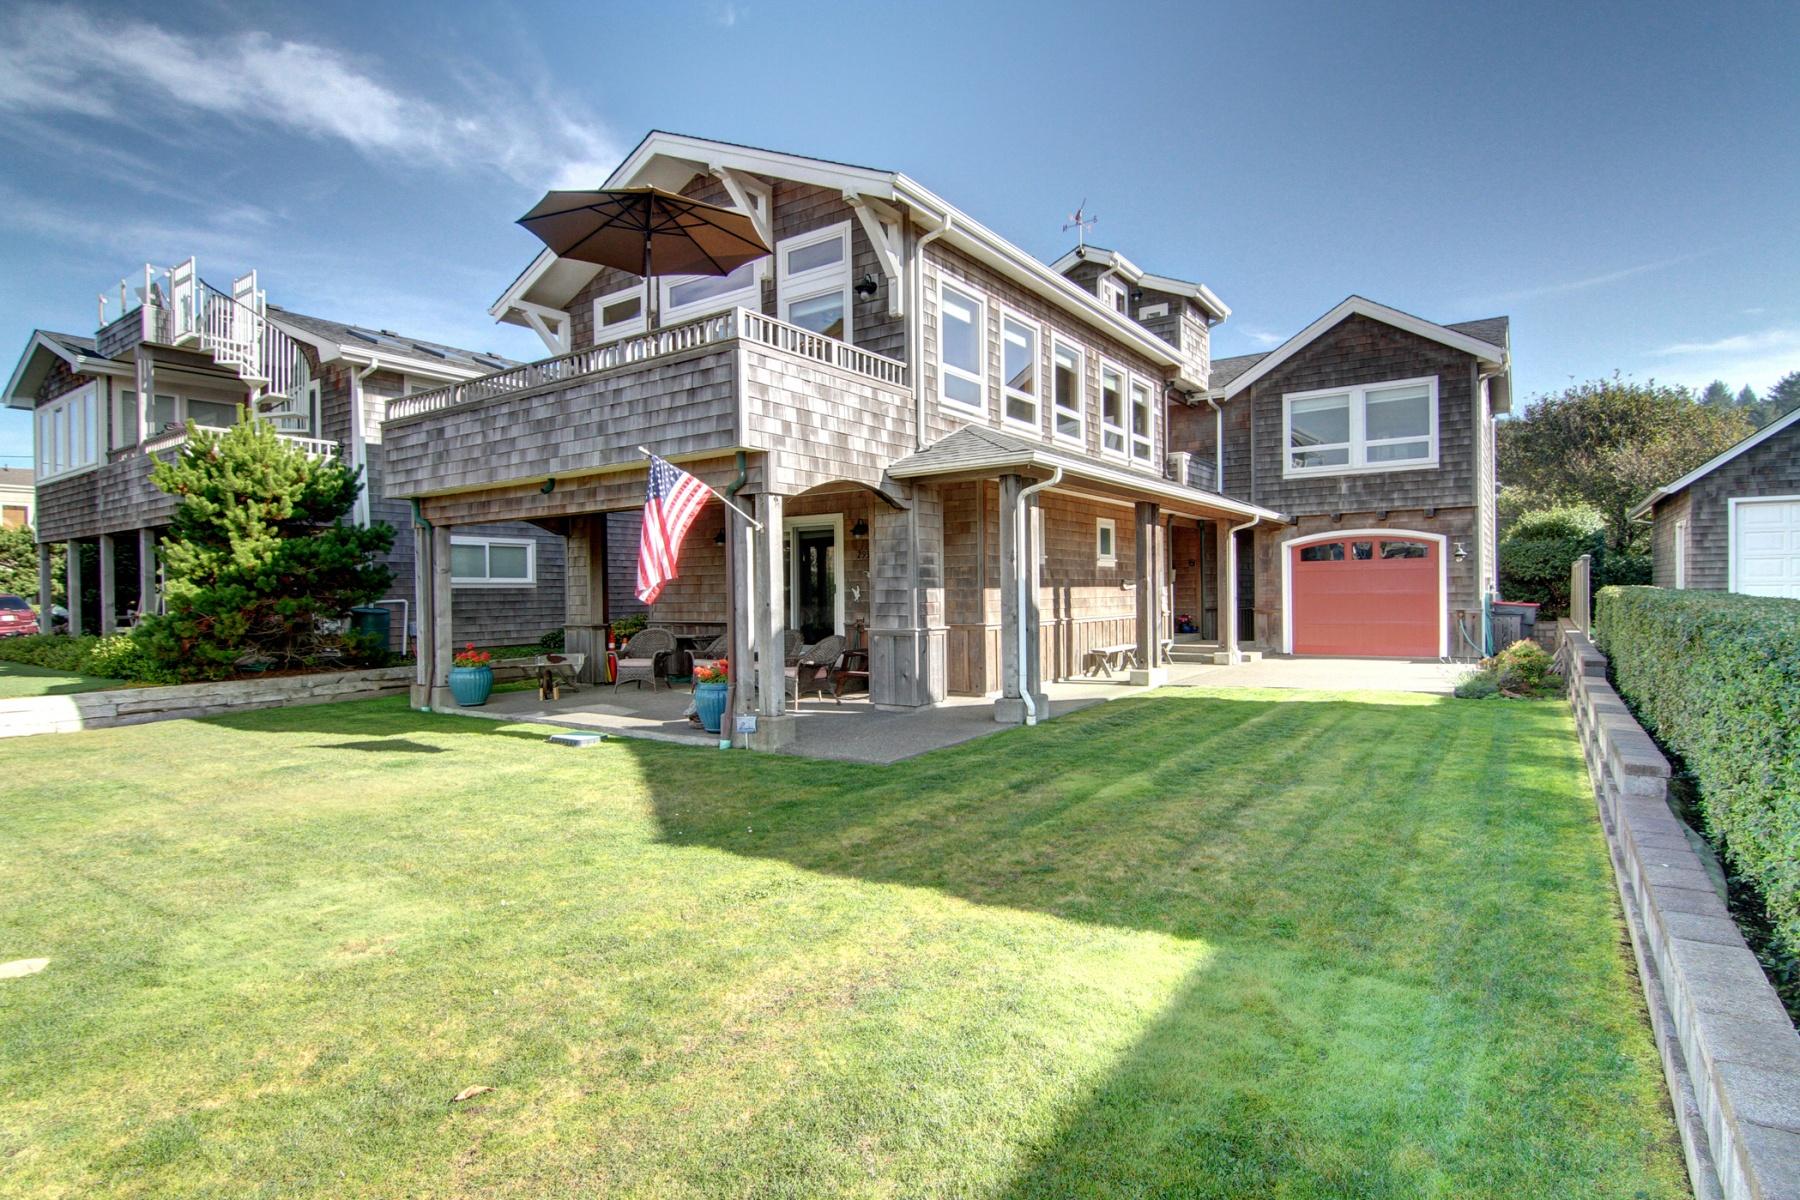 Maison unifamiliale pour l Vente à 2939 Pacific St Cannon Beach, Oregon, 97110 États-Unis